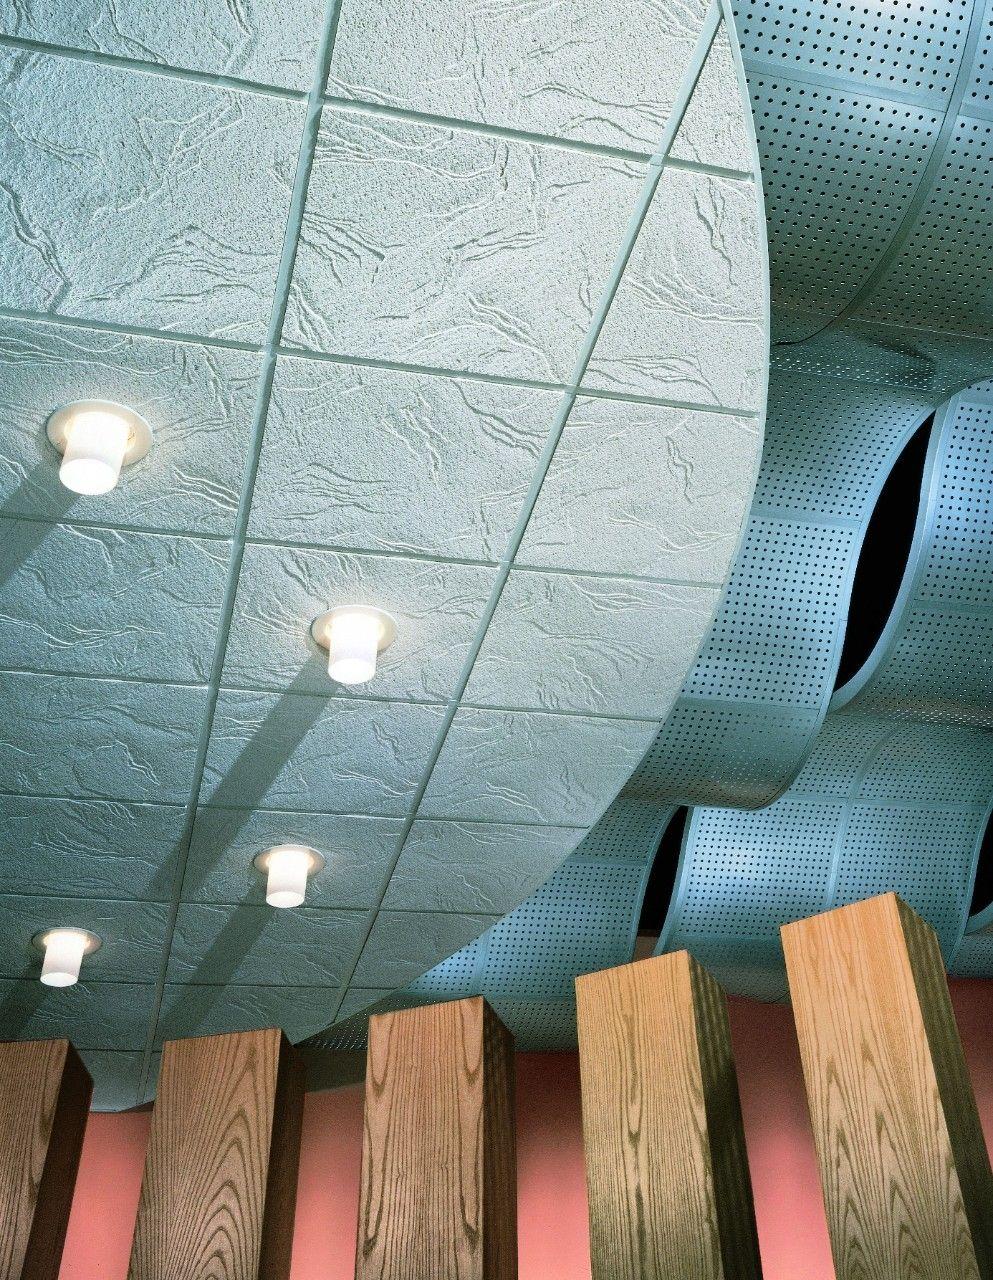 Cgc Sandrift Ceiling Tile Httpcreativechairsandtables